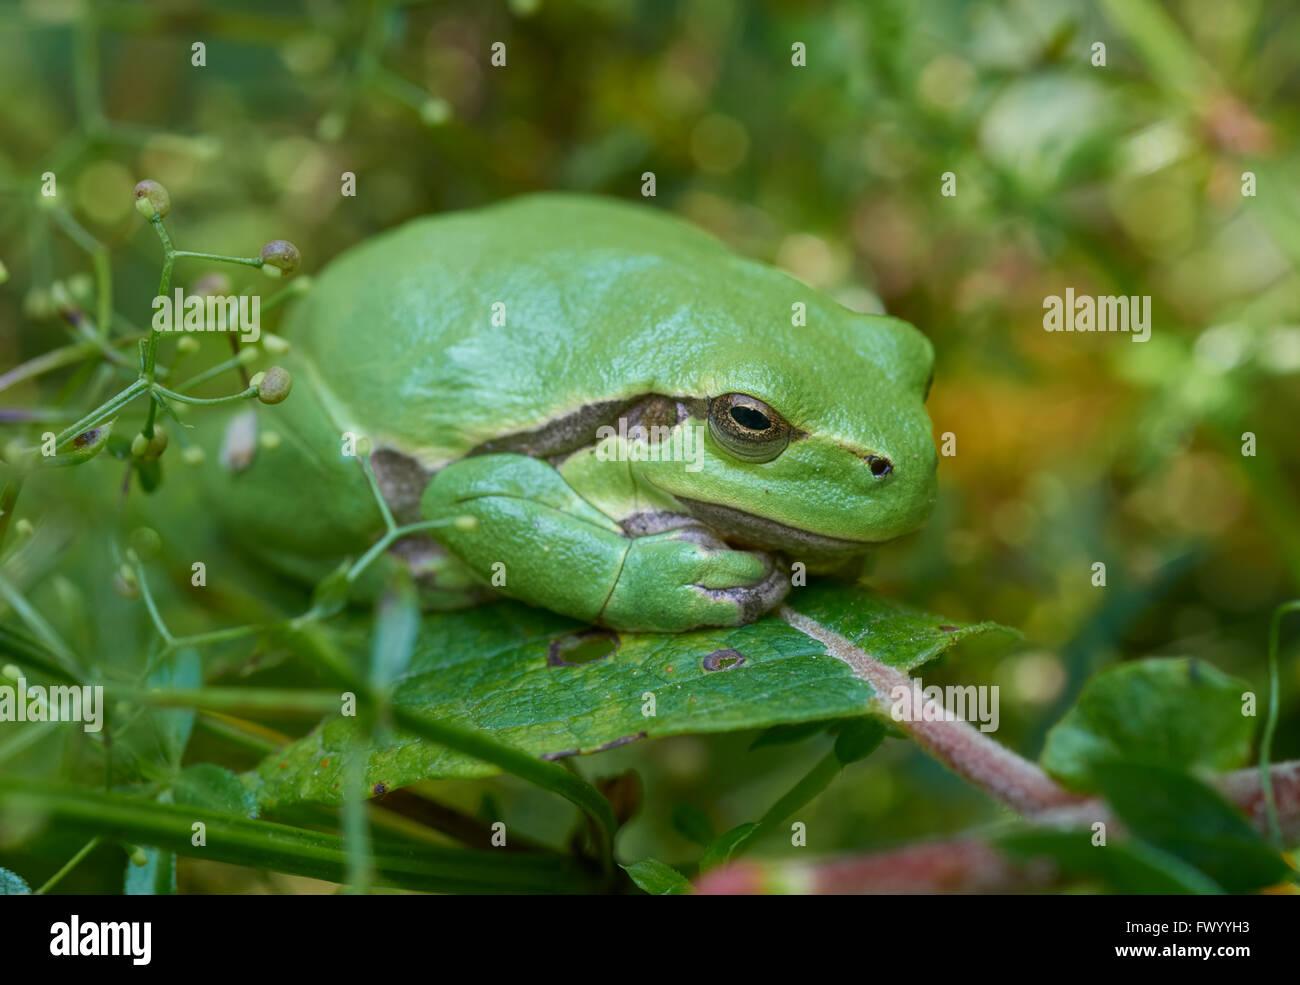 Nahaufnahme der Europäische Laubfrosch (Hyla Arborea) sitzt auf einem grünen Blatt Stockbild